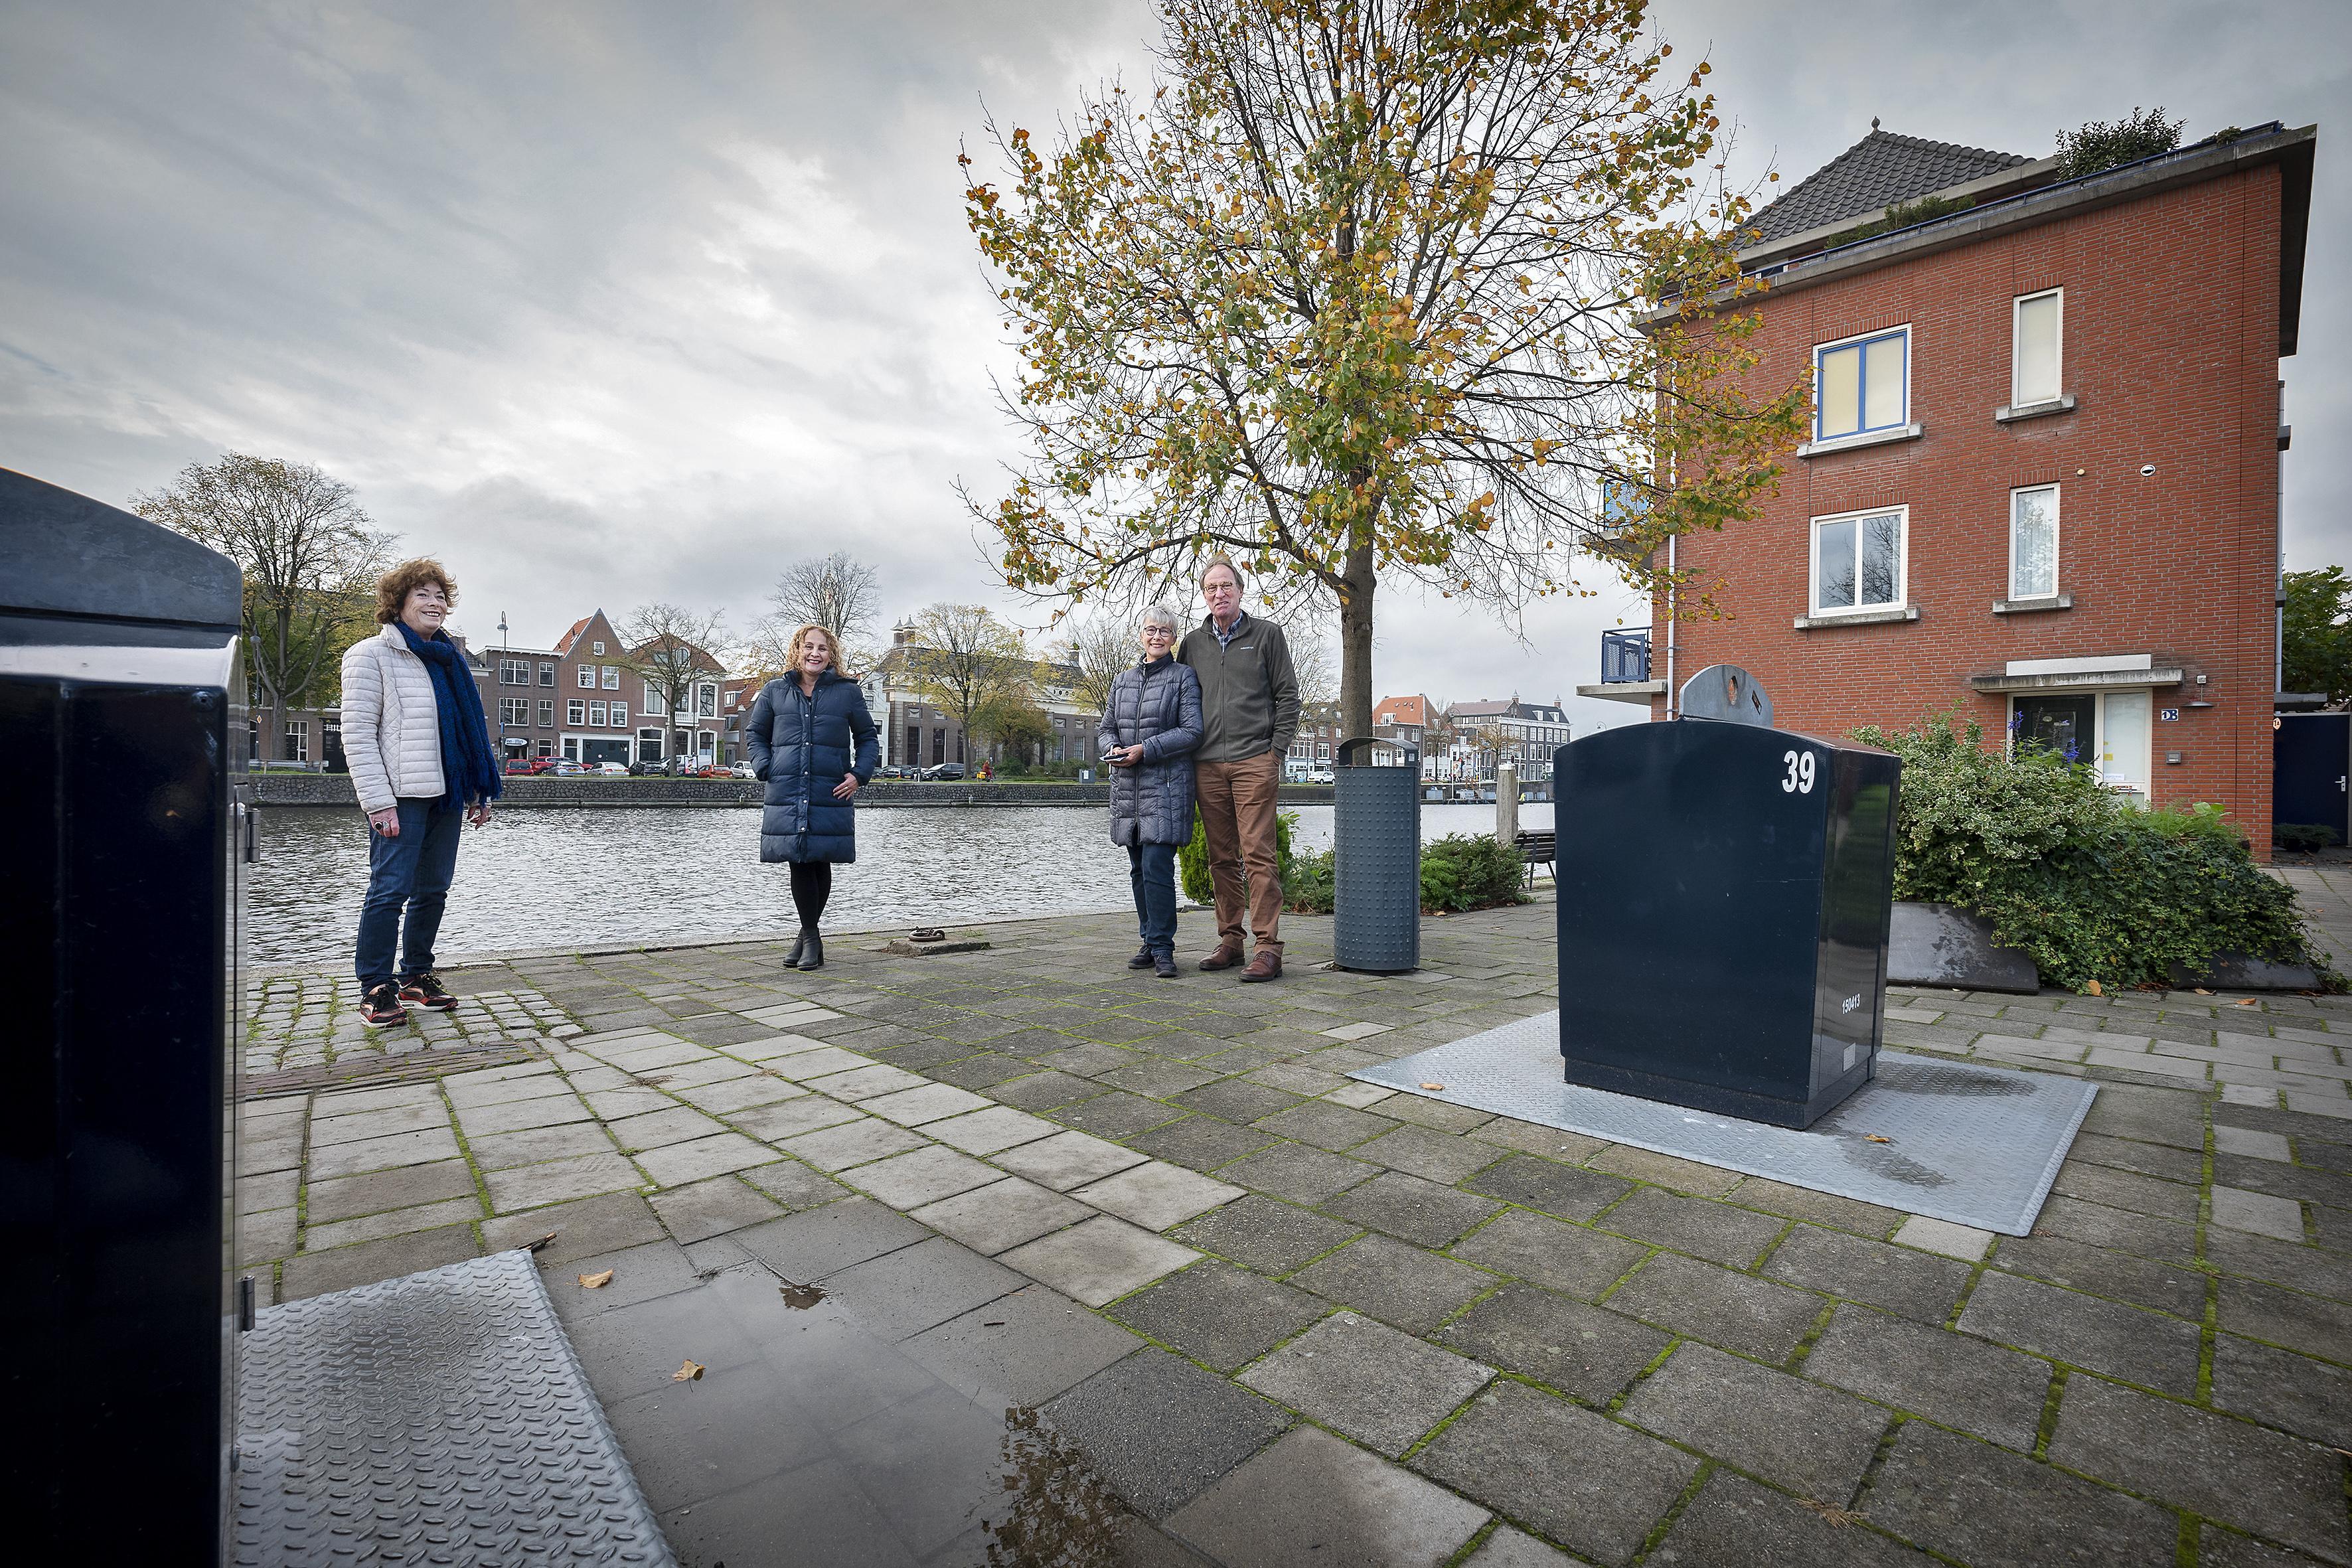 Bewoners Korte Dijk in Haarlem in het geweer tegen groeiend aantal afvalcontainers in de stad. 'Ons ontmoetingspleintje wordt zo een mini-milieuplein!'